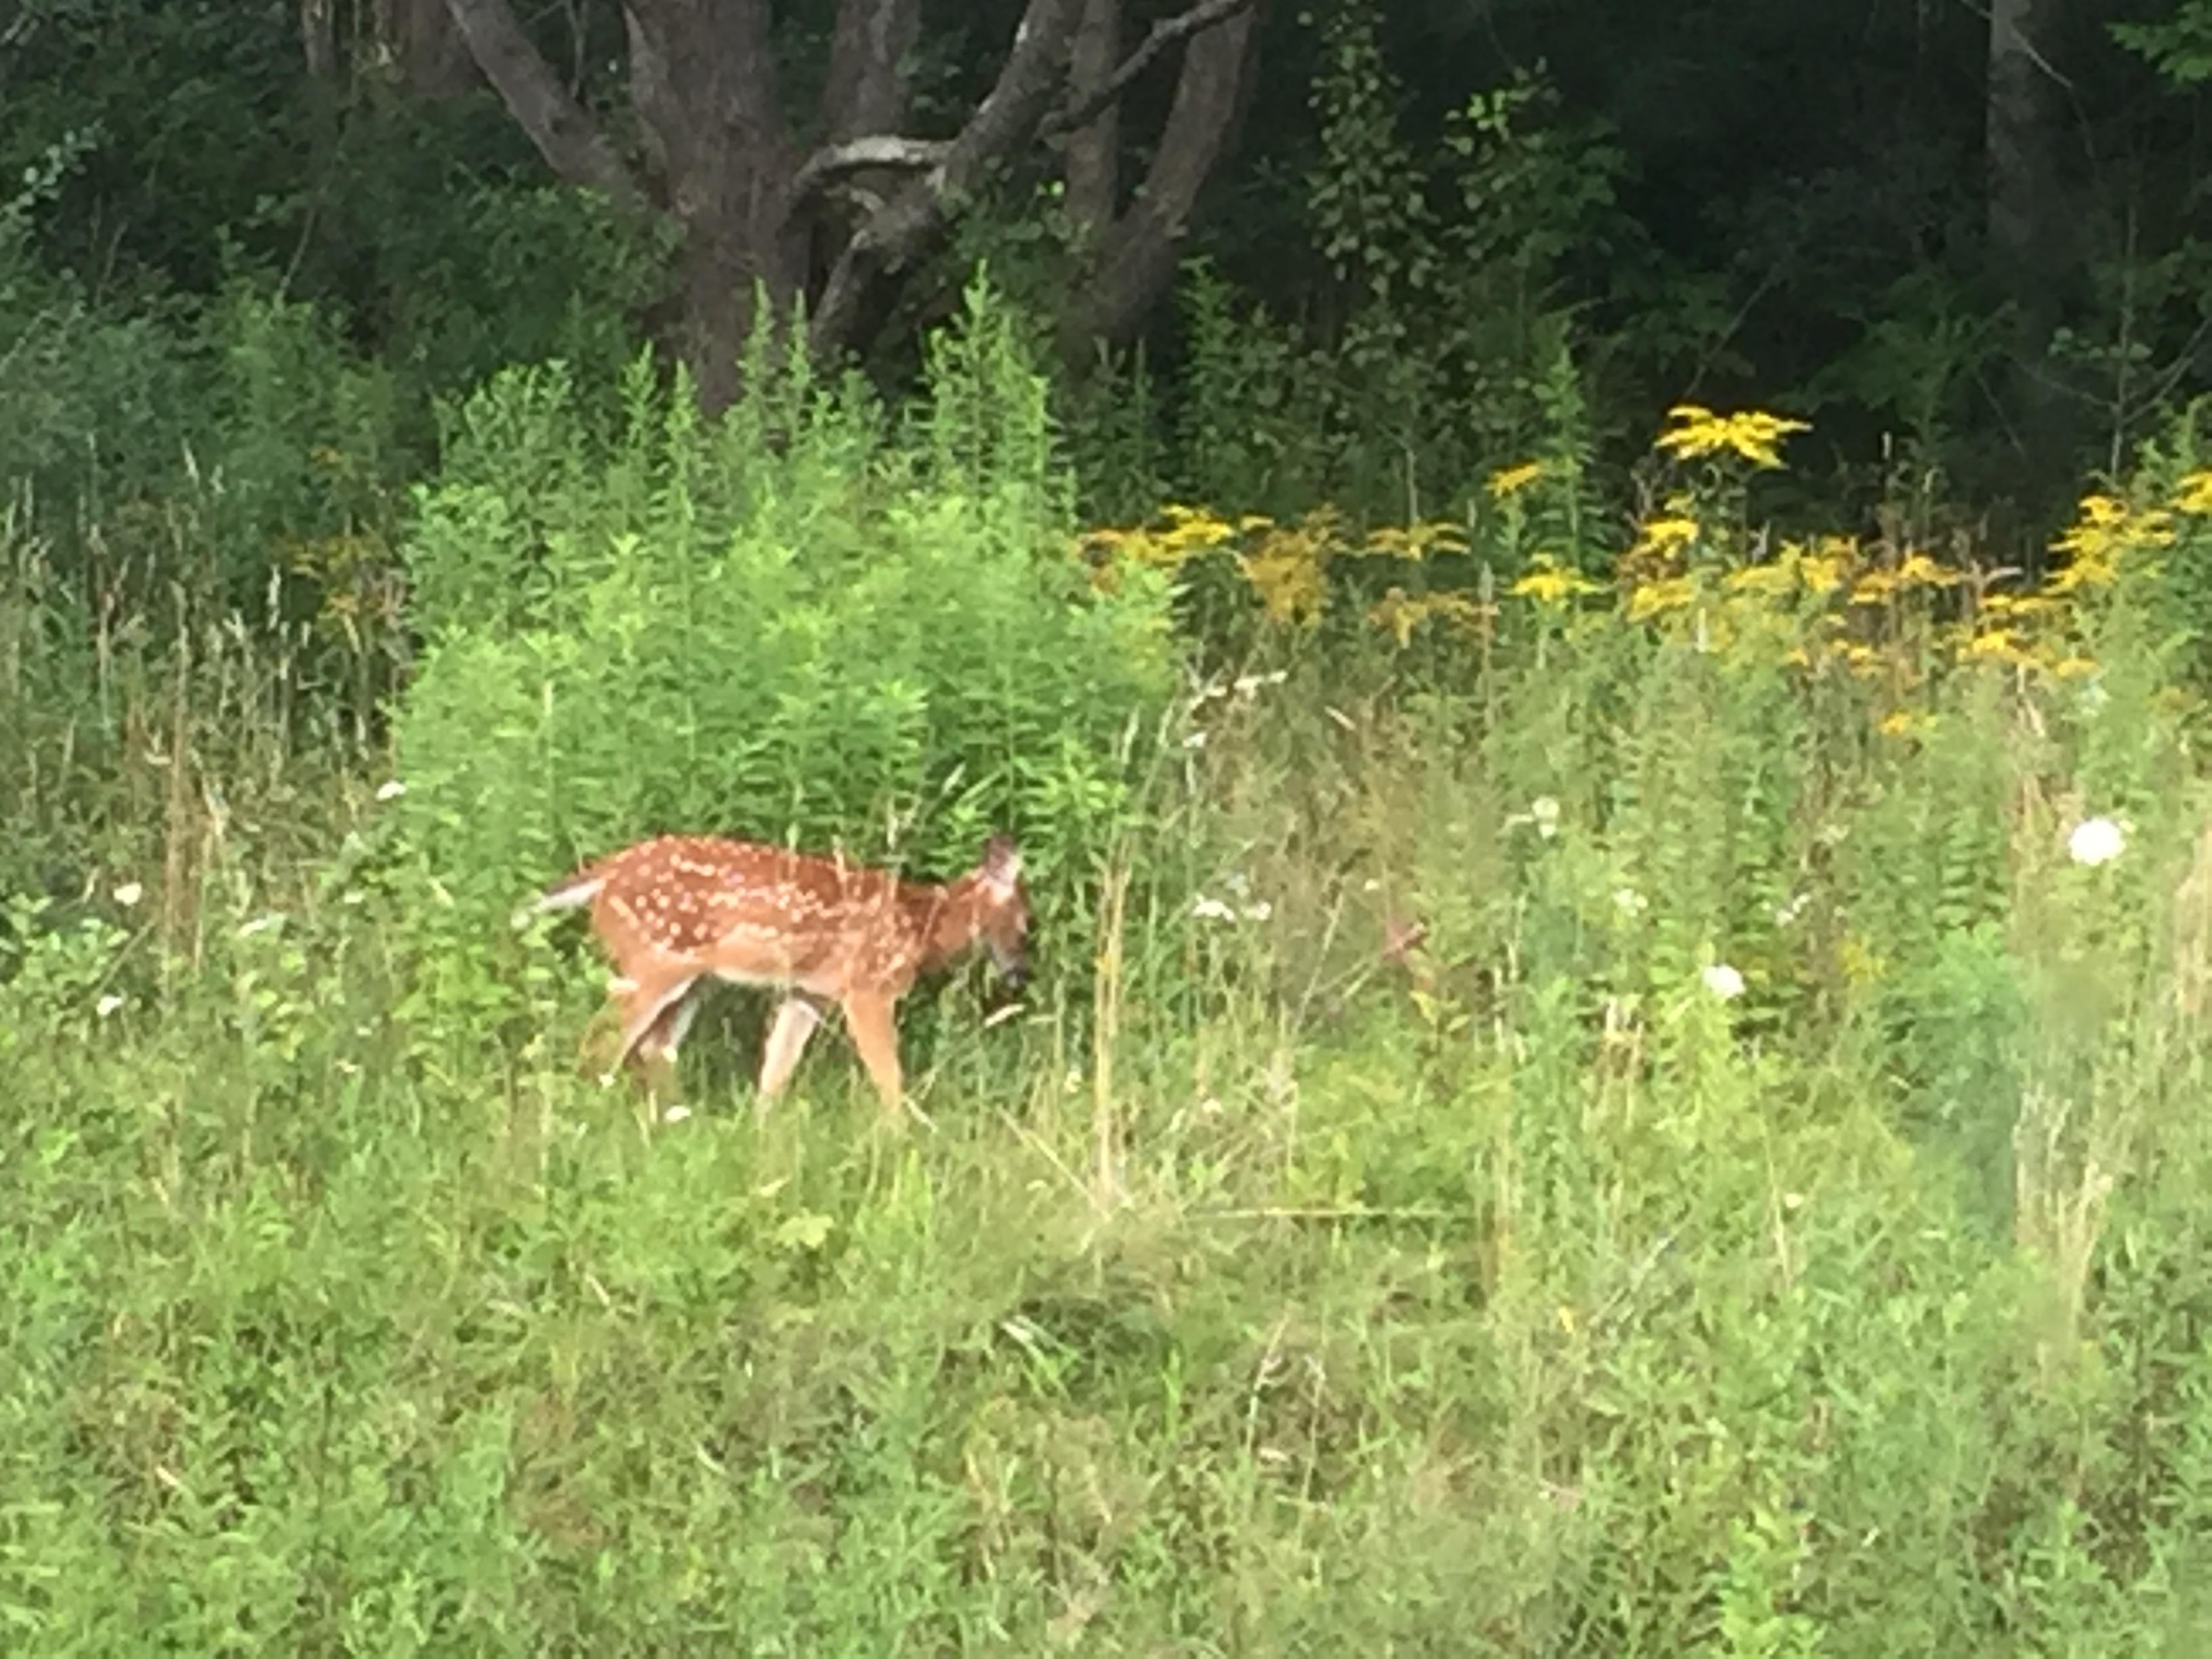 Deer photo Cuba ny backyard for tapestry cartoon